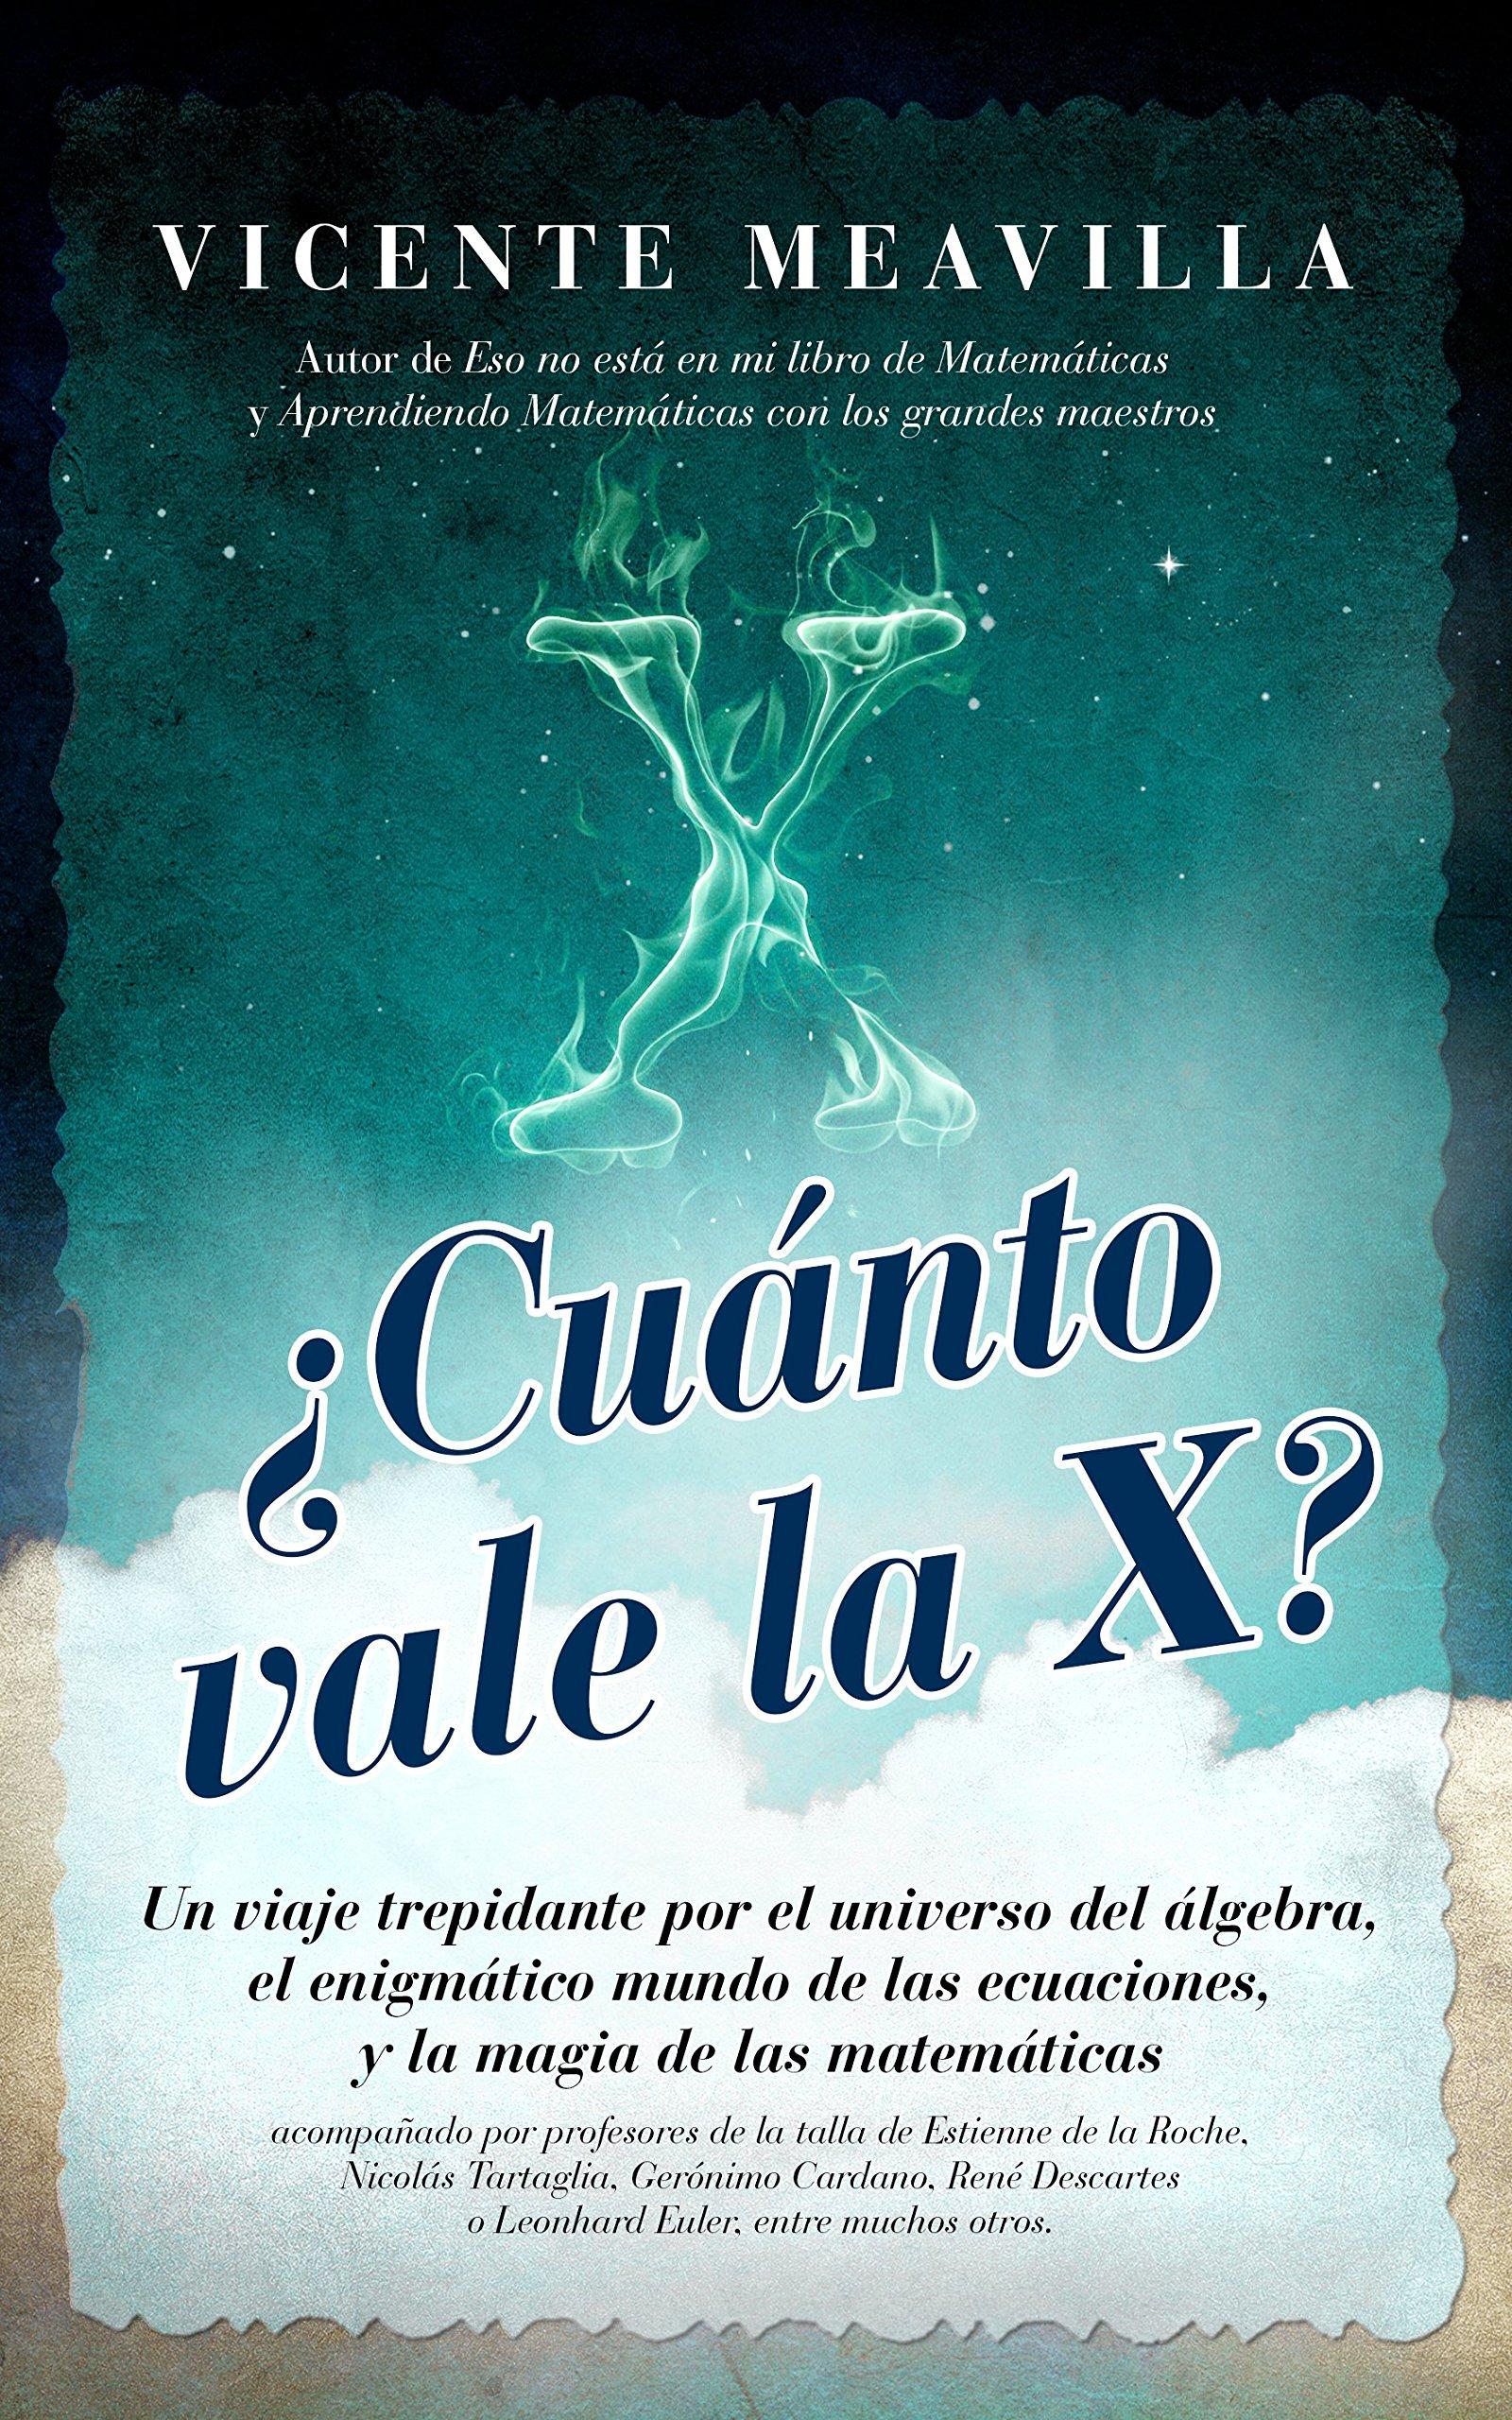 Cuánto vale la x?: Vicente Meavilla Seguí: 9788415828228 ...